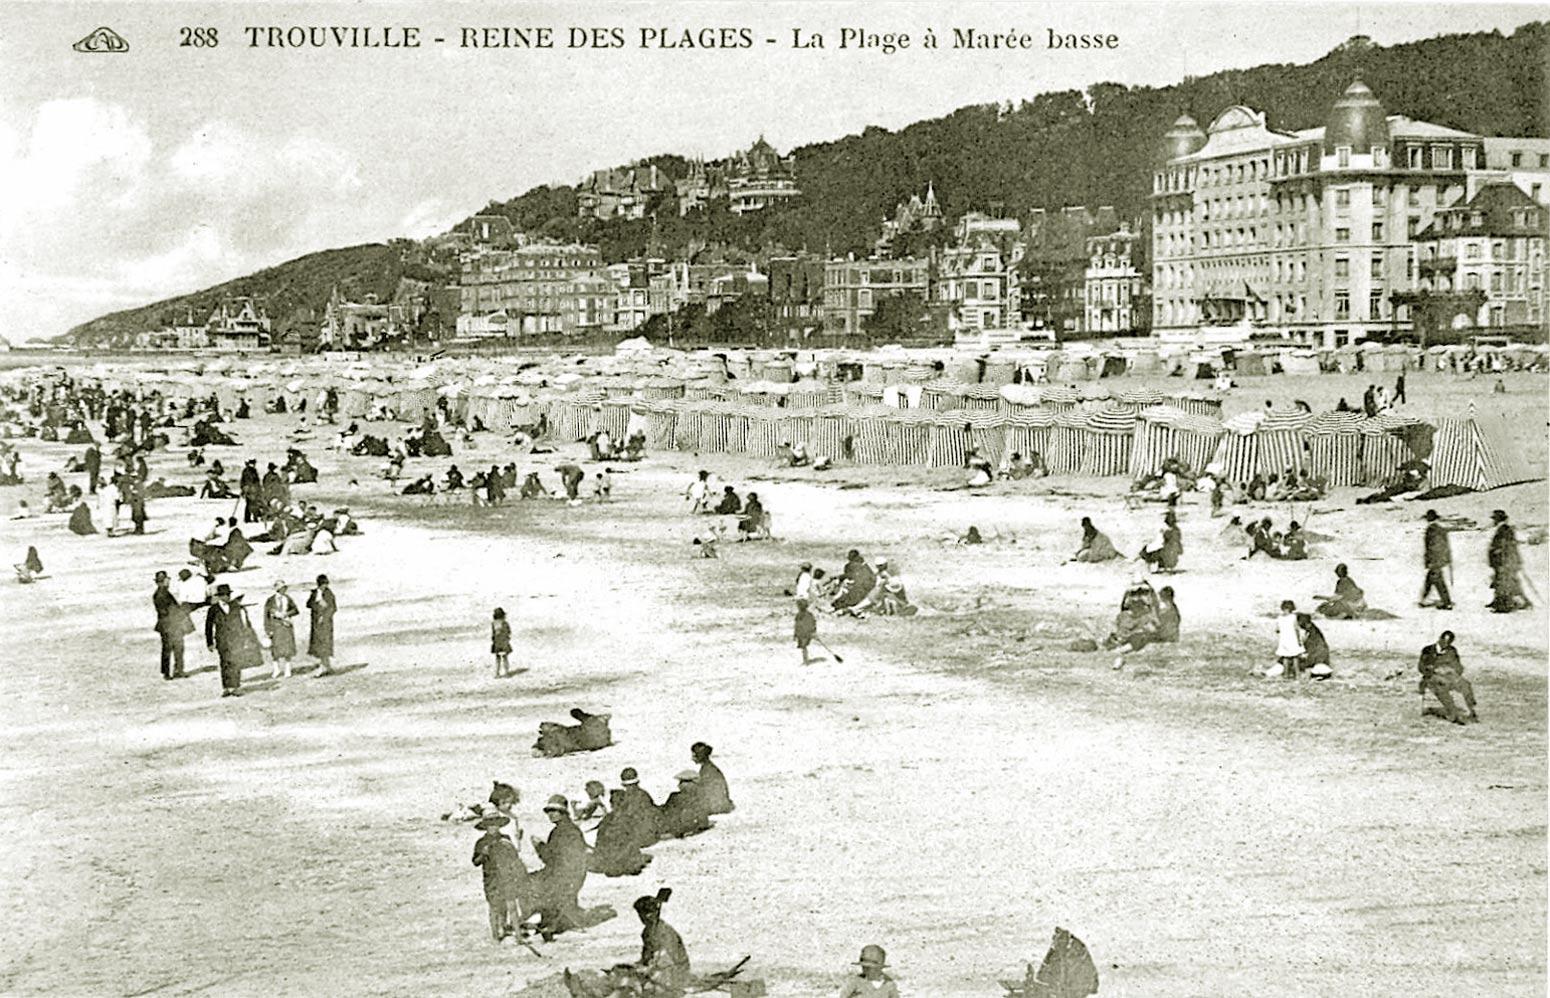 Нормандия, Трувиль, пляжи